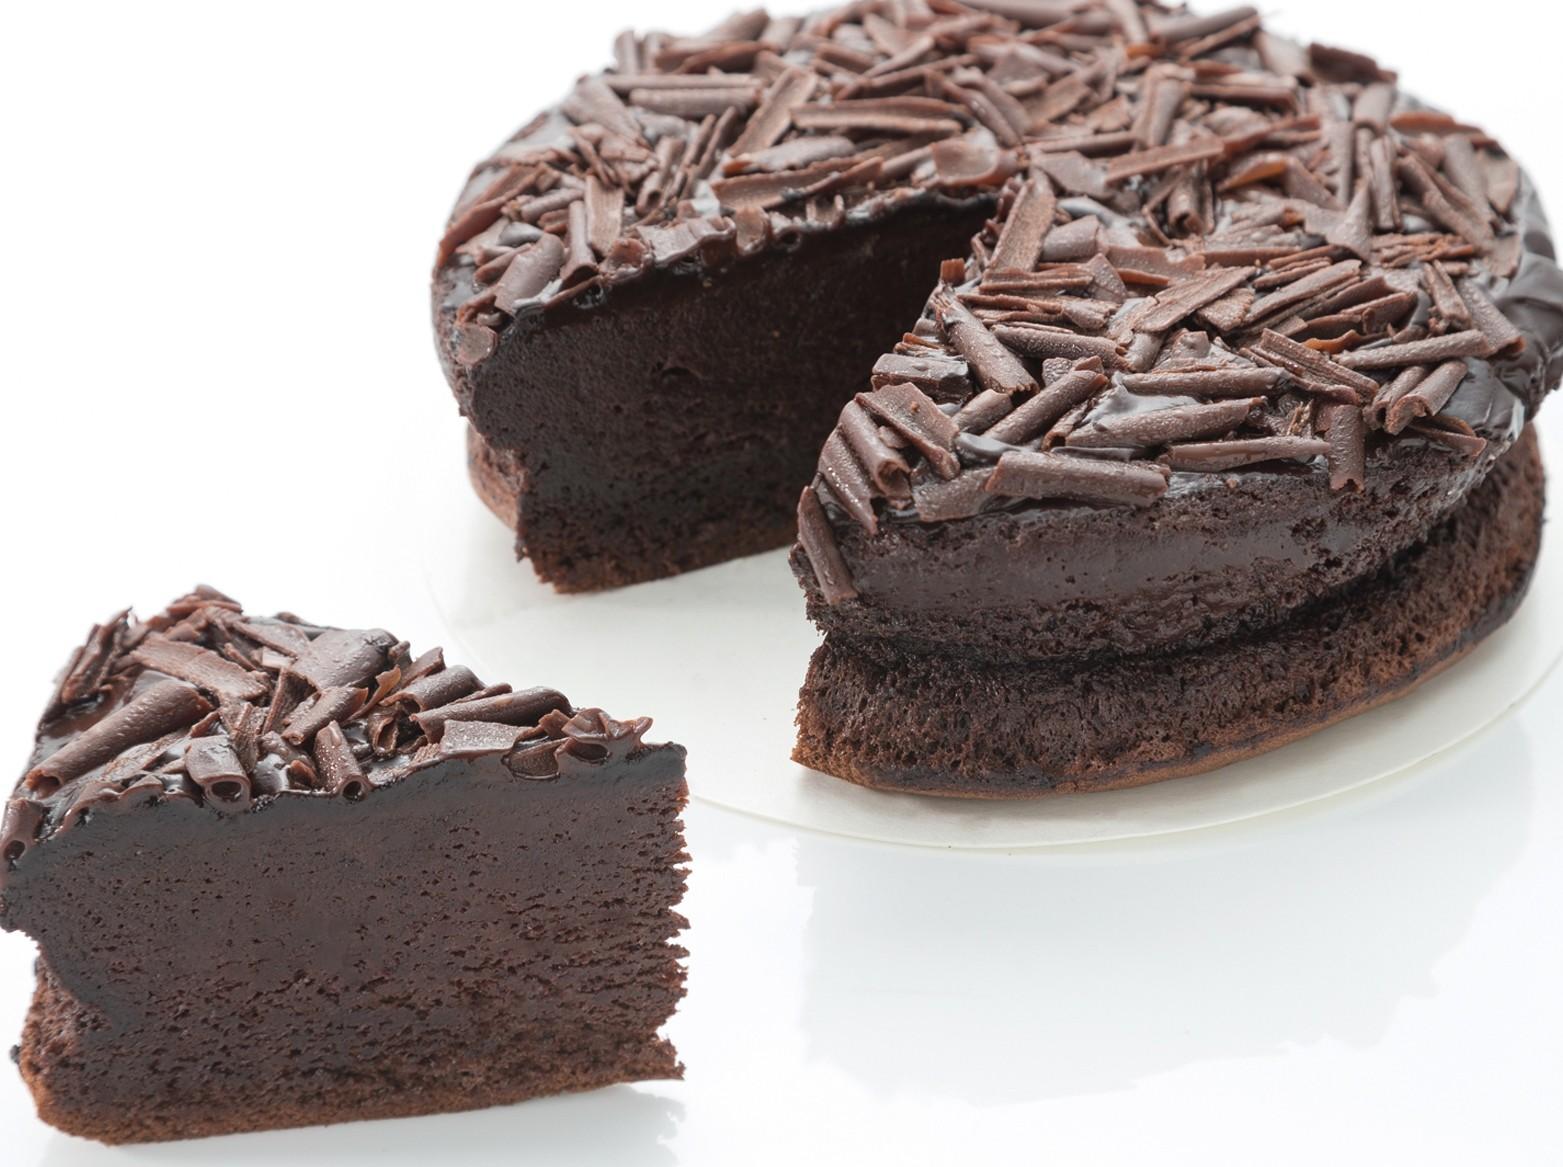 【蘿蒂烘焙坊】~無麵粉~身體無負擔~新口感(重乳酪蛋糕)(濃情純巧克力蛋糕)(黑岩特濃純巧克力蛋糕)/任選免運組